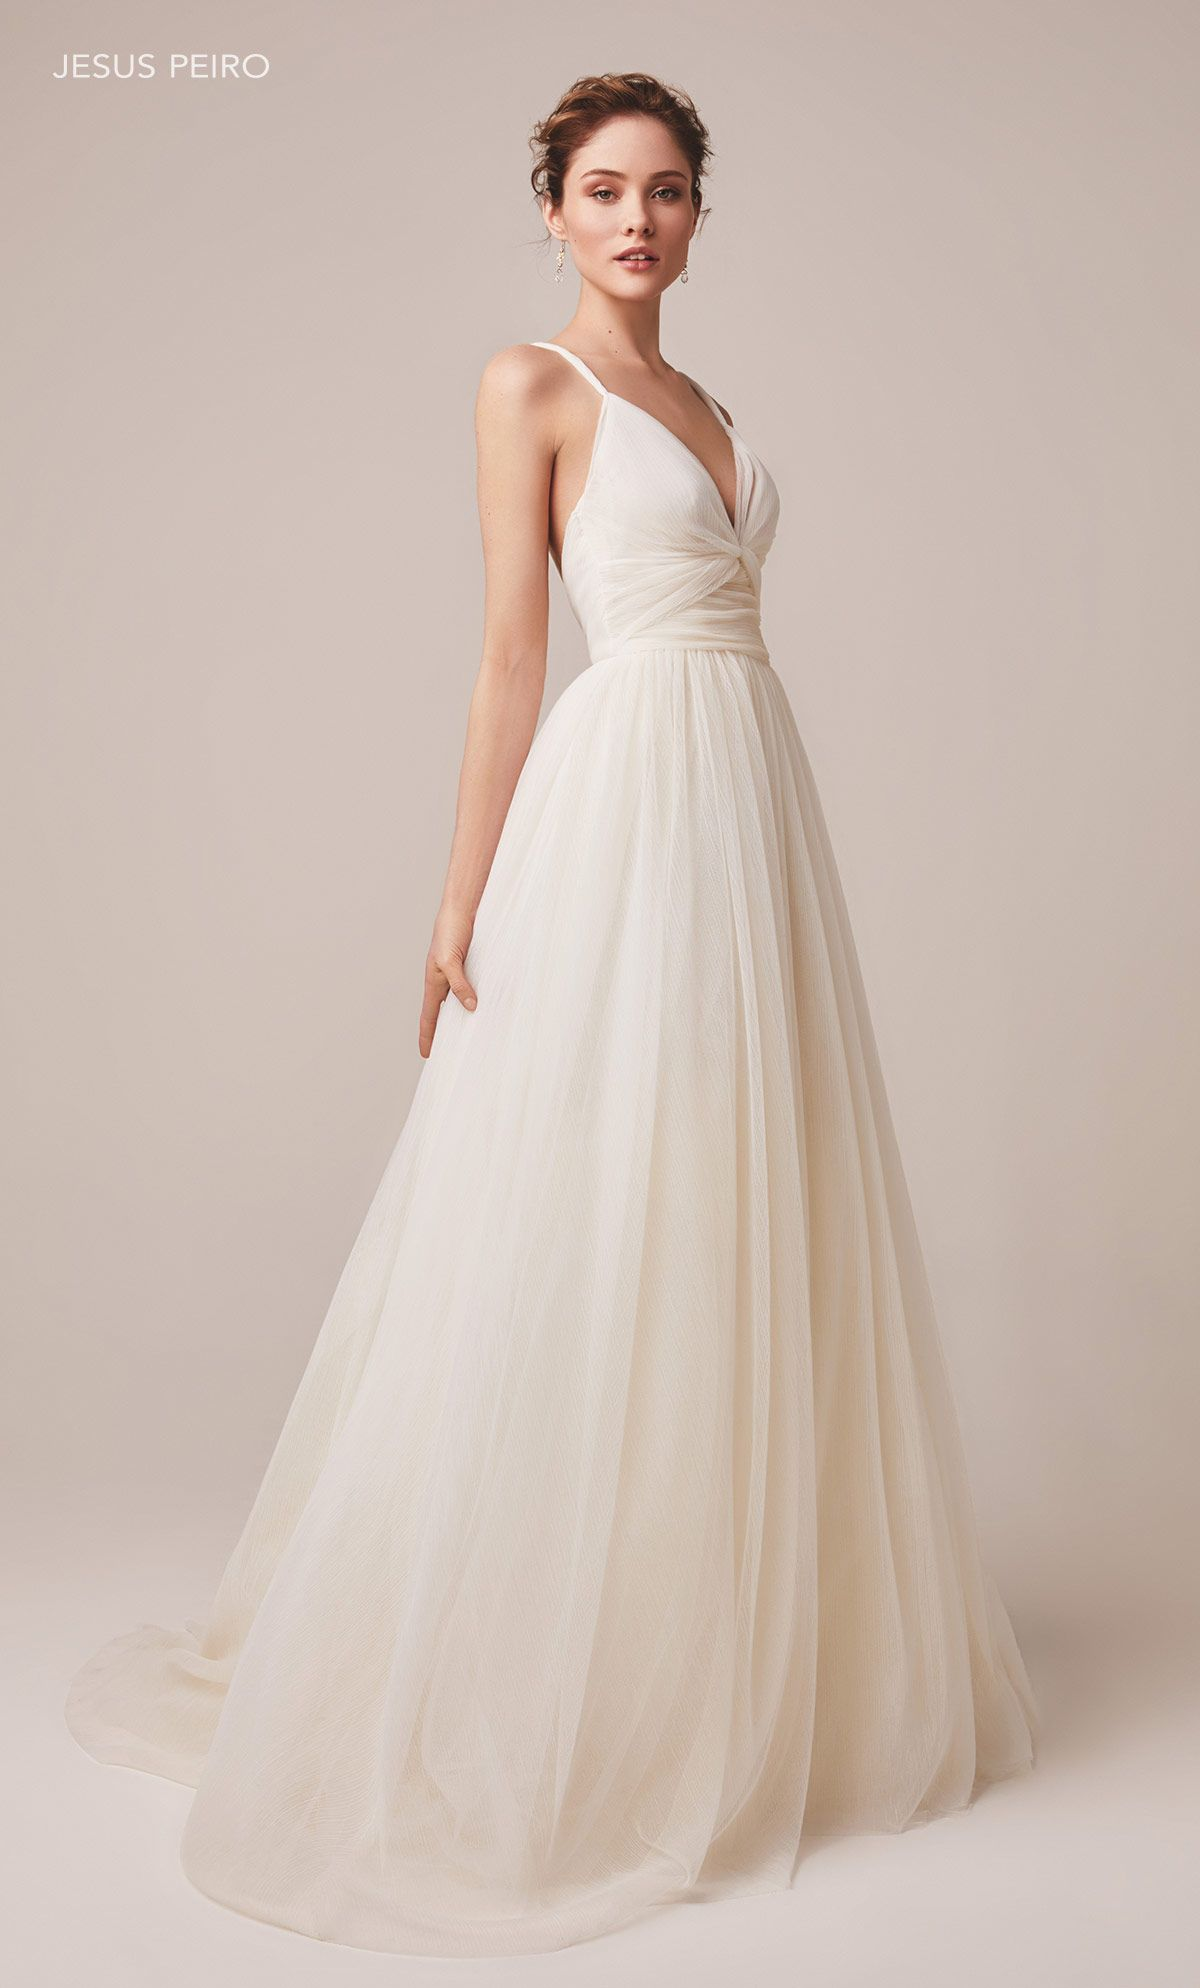 148 – Dress